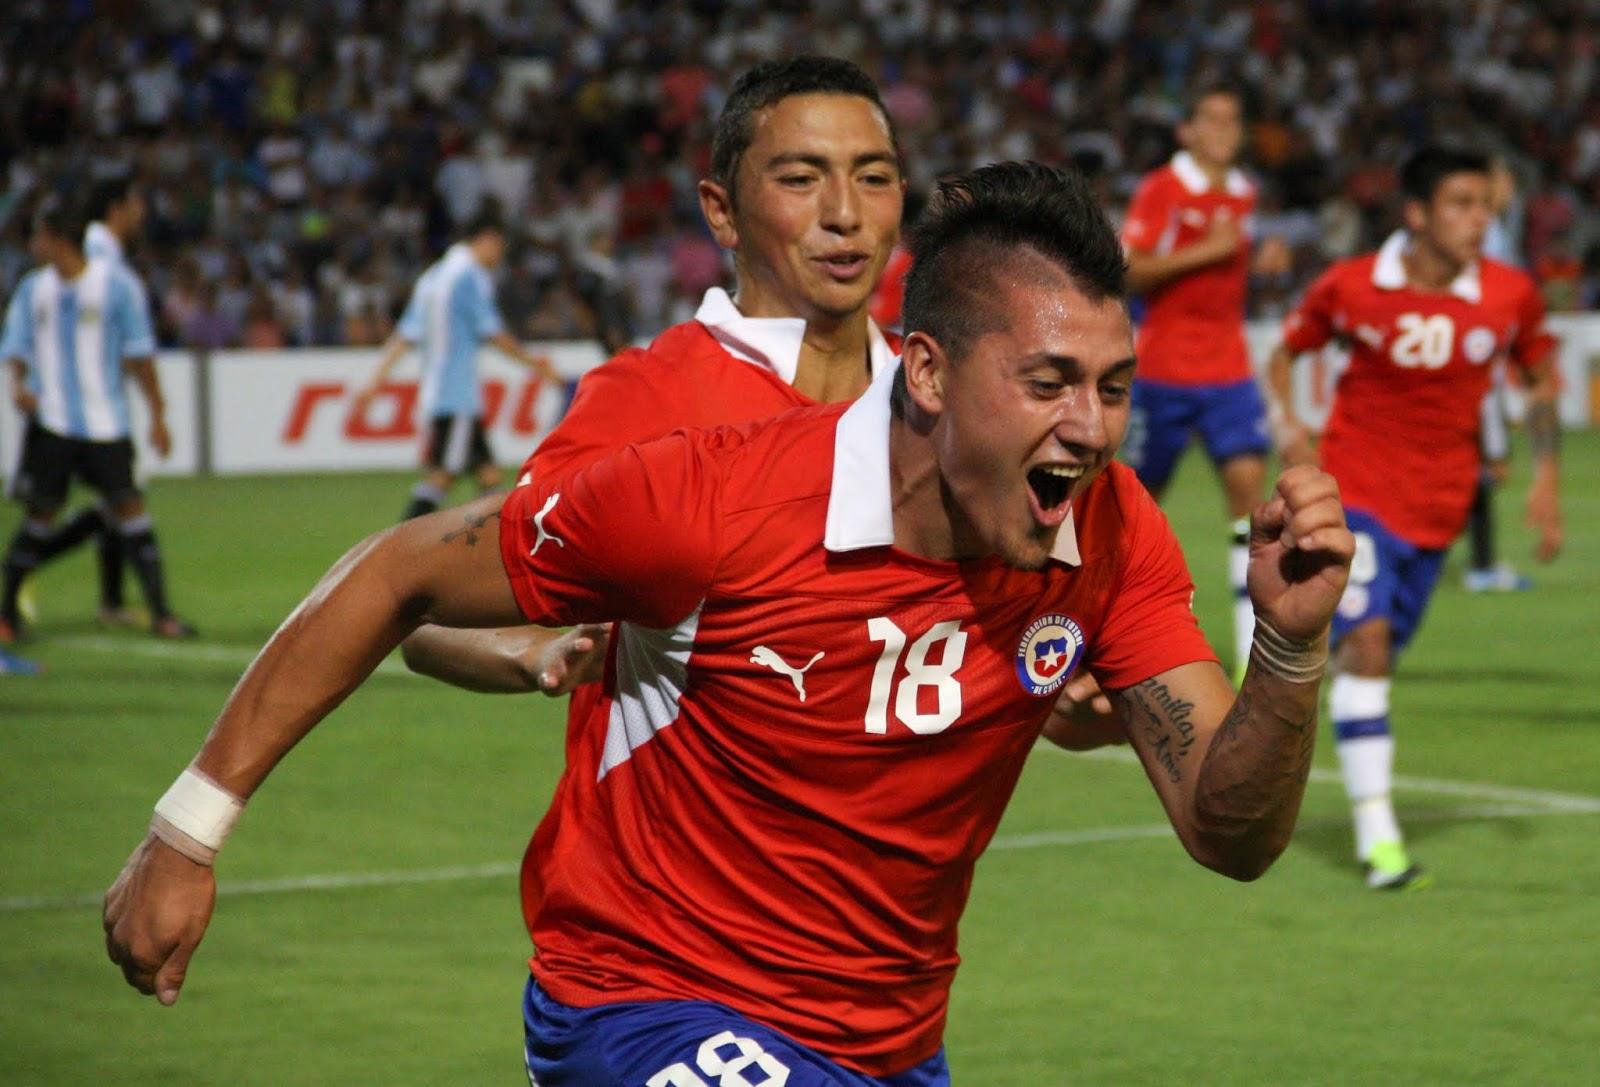 Argentina y Chile en Campeonato Sudamericano Sub-20 Argentina 2013, 9 de enero